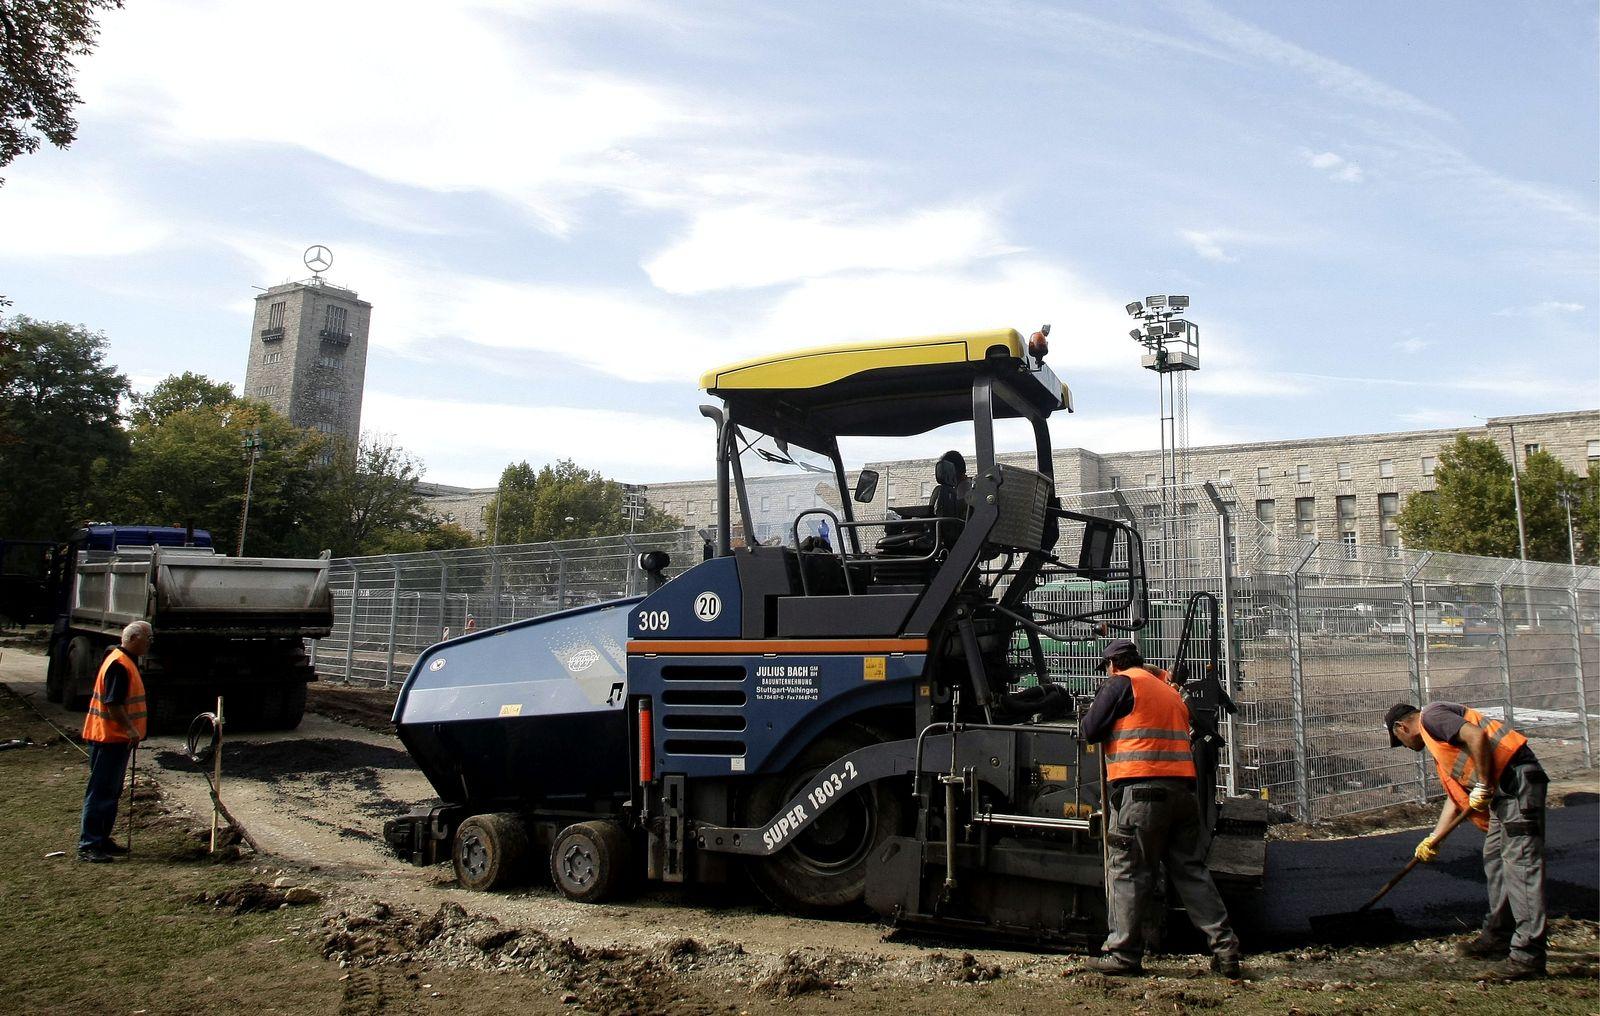 NICHT VERWENDEN Stuttgart 21 / Bauarbeiten